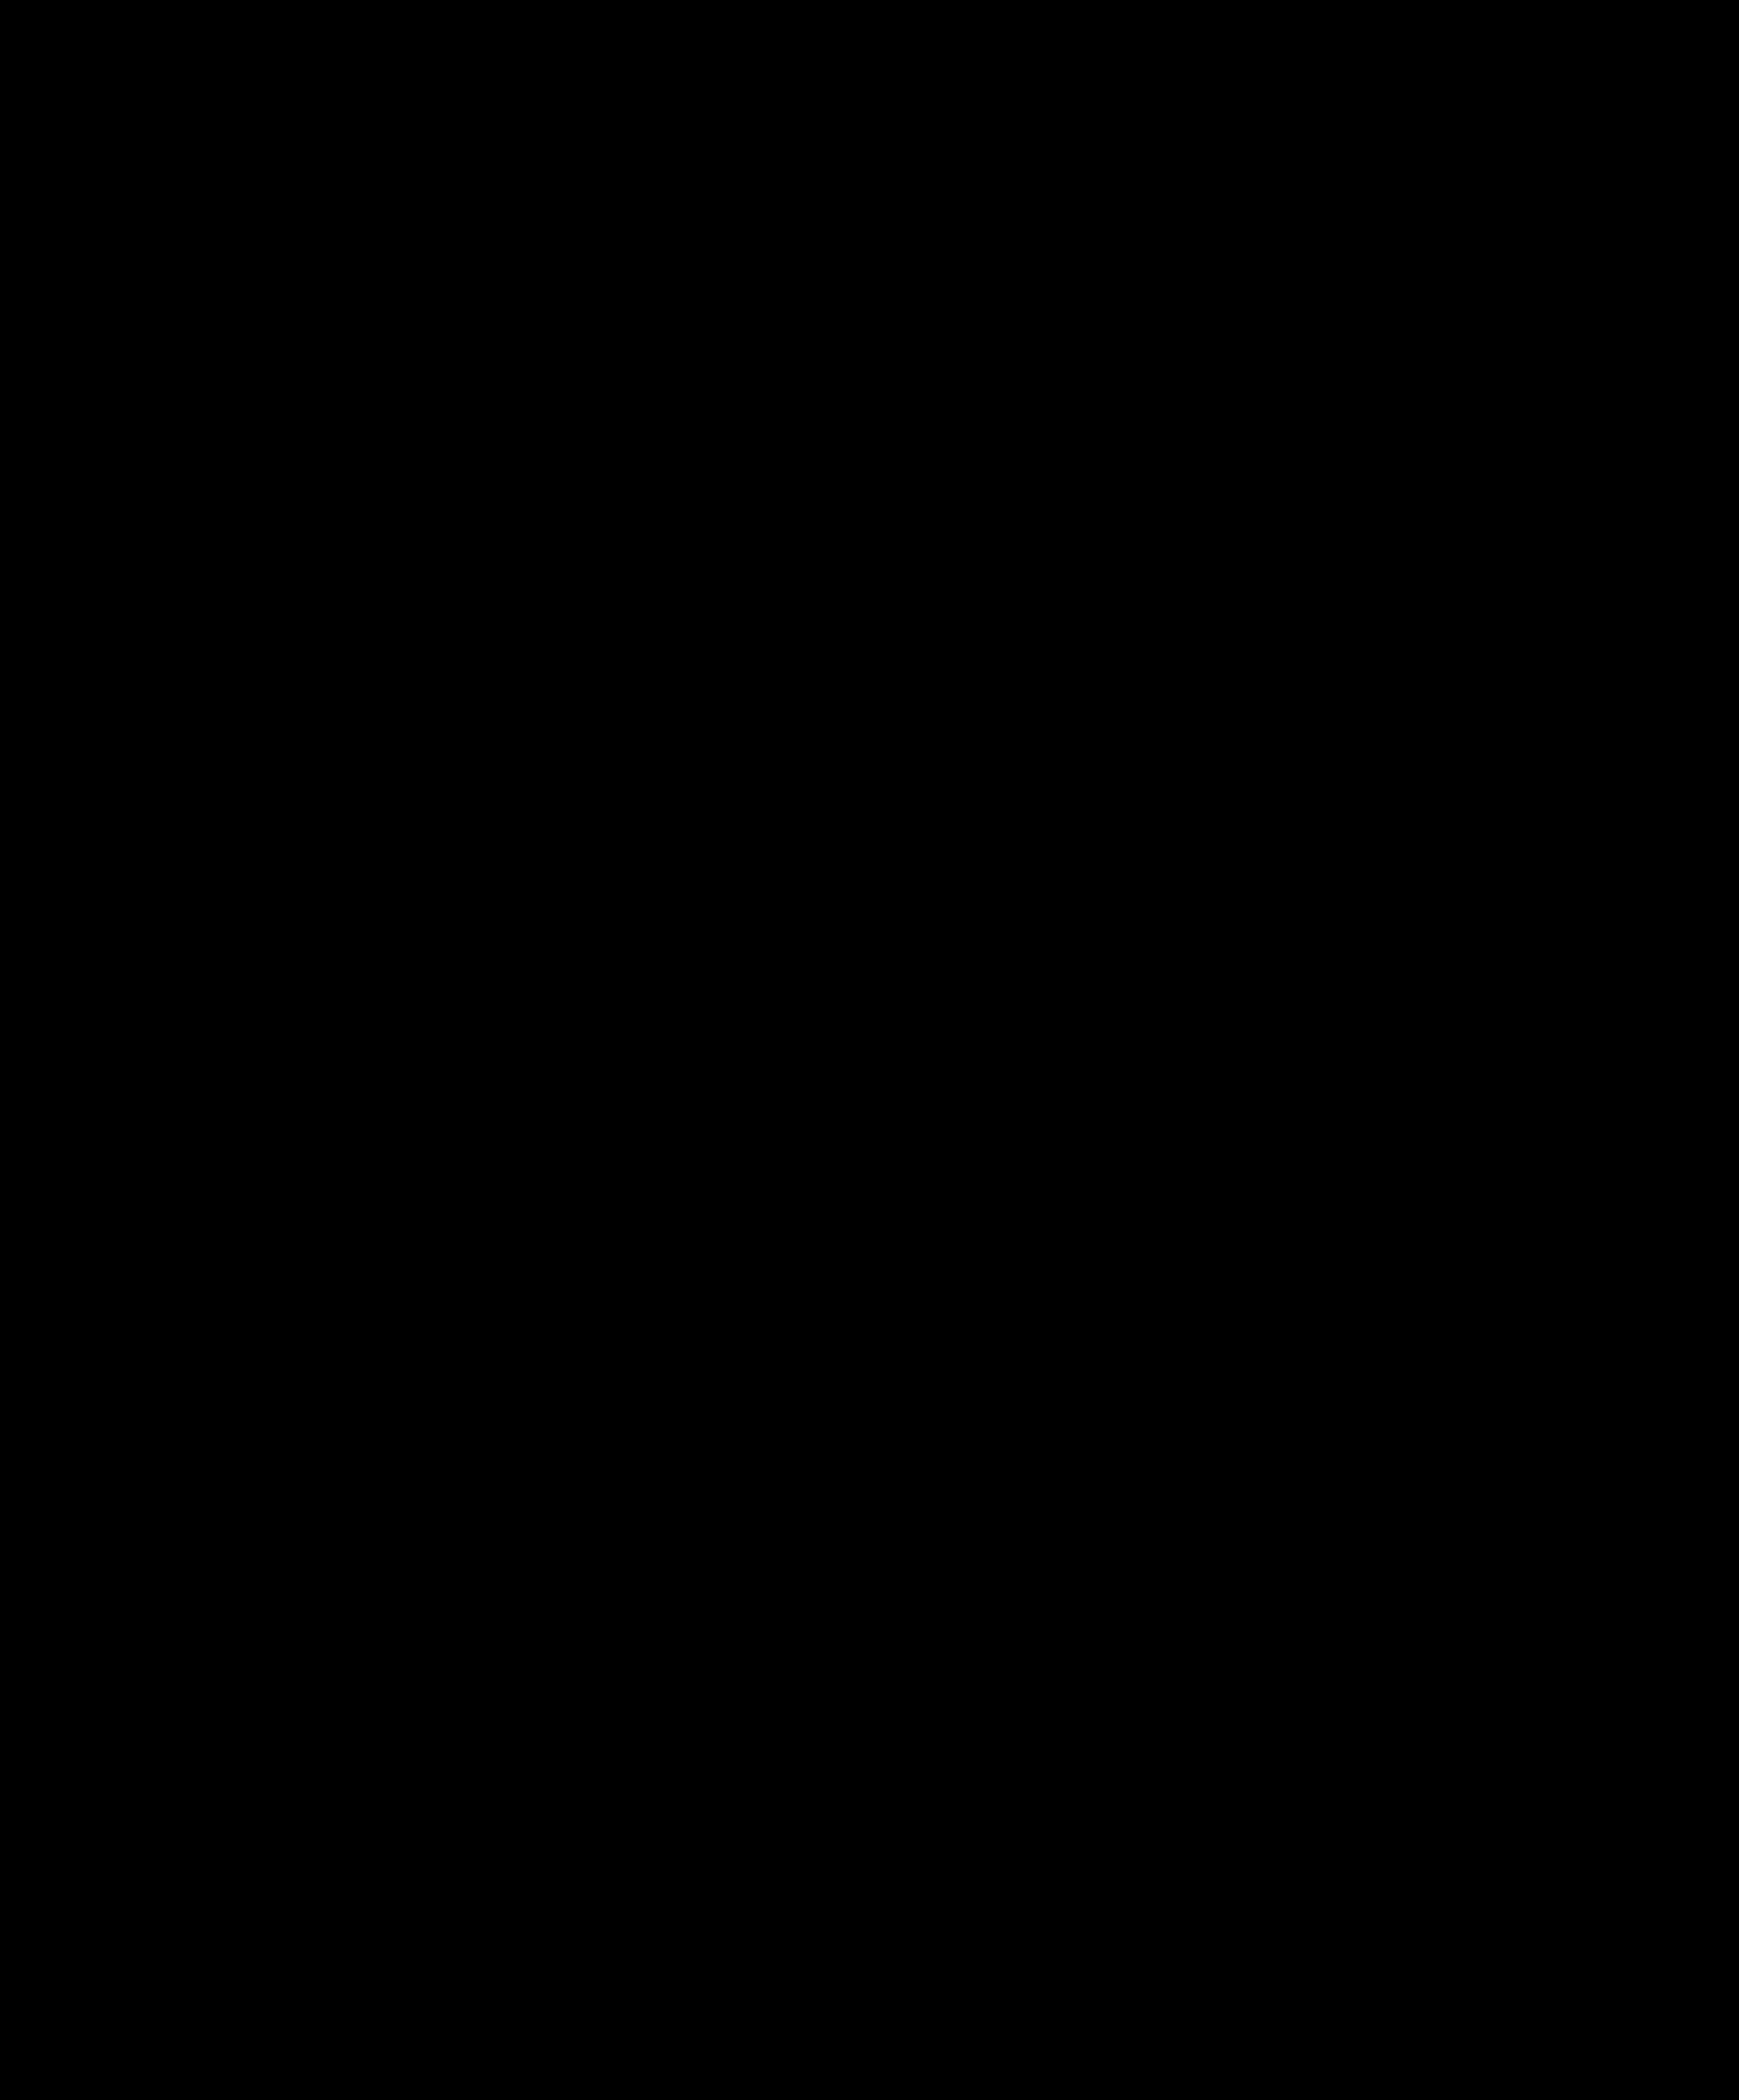 Ilustración por Alec Dempster